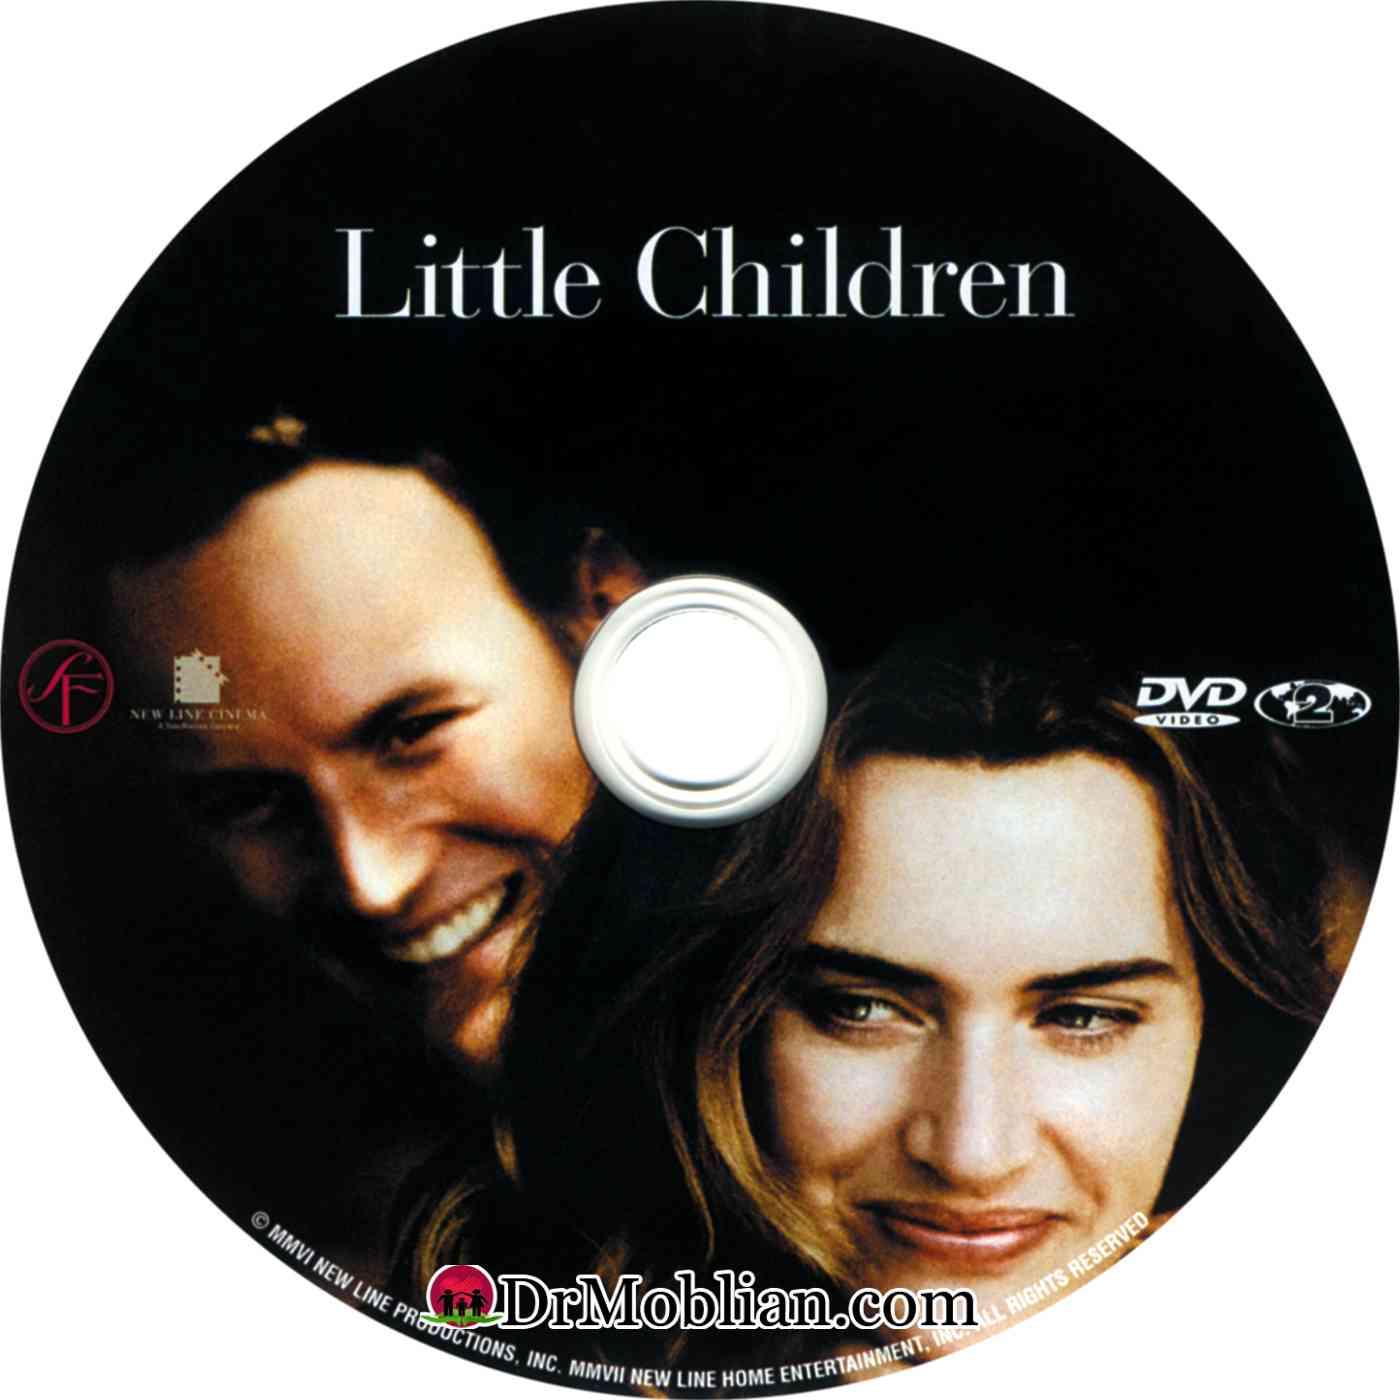 فیلم بچه های کوچک : تحلیل و بررسی روان شناختی